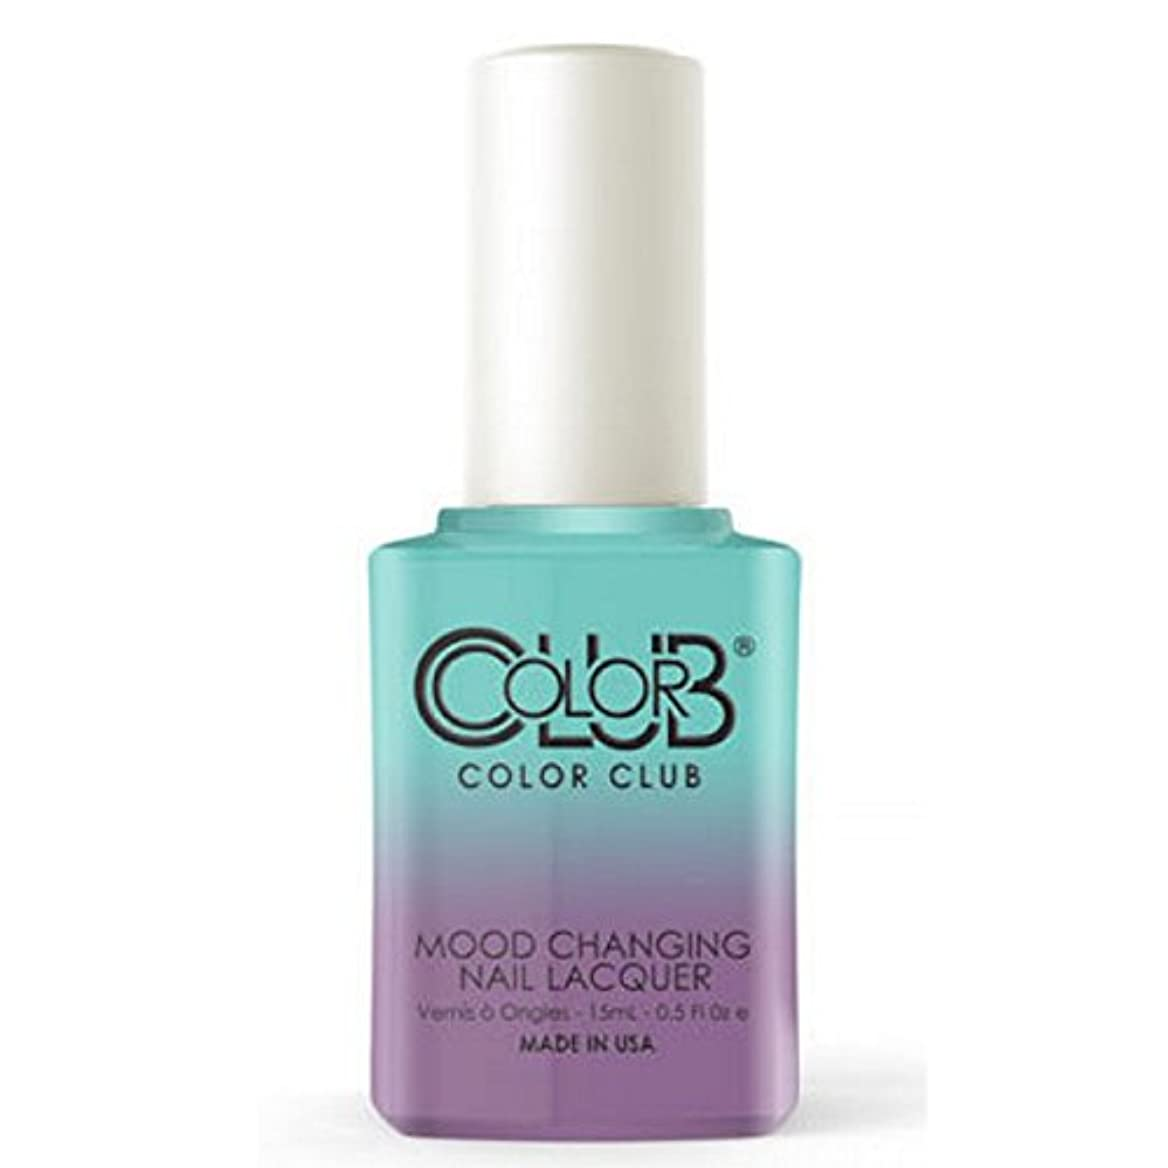 いたずらな名誉ある所属Color Club Mood Changing Nail Lacquer - Serene Green - 15 mL / 0.5 fl oz